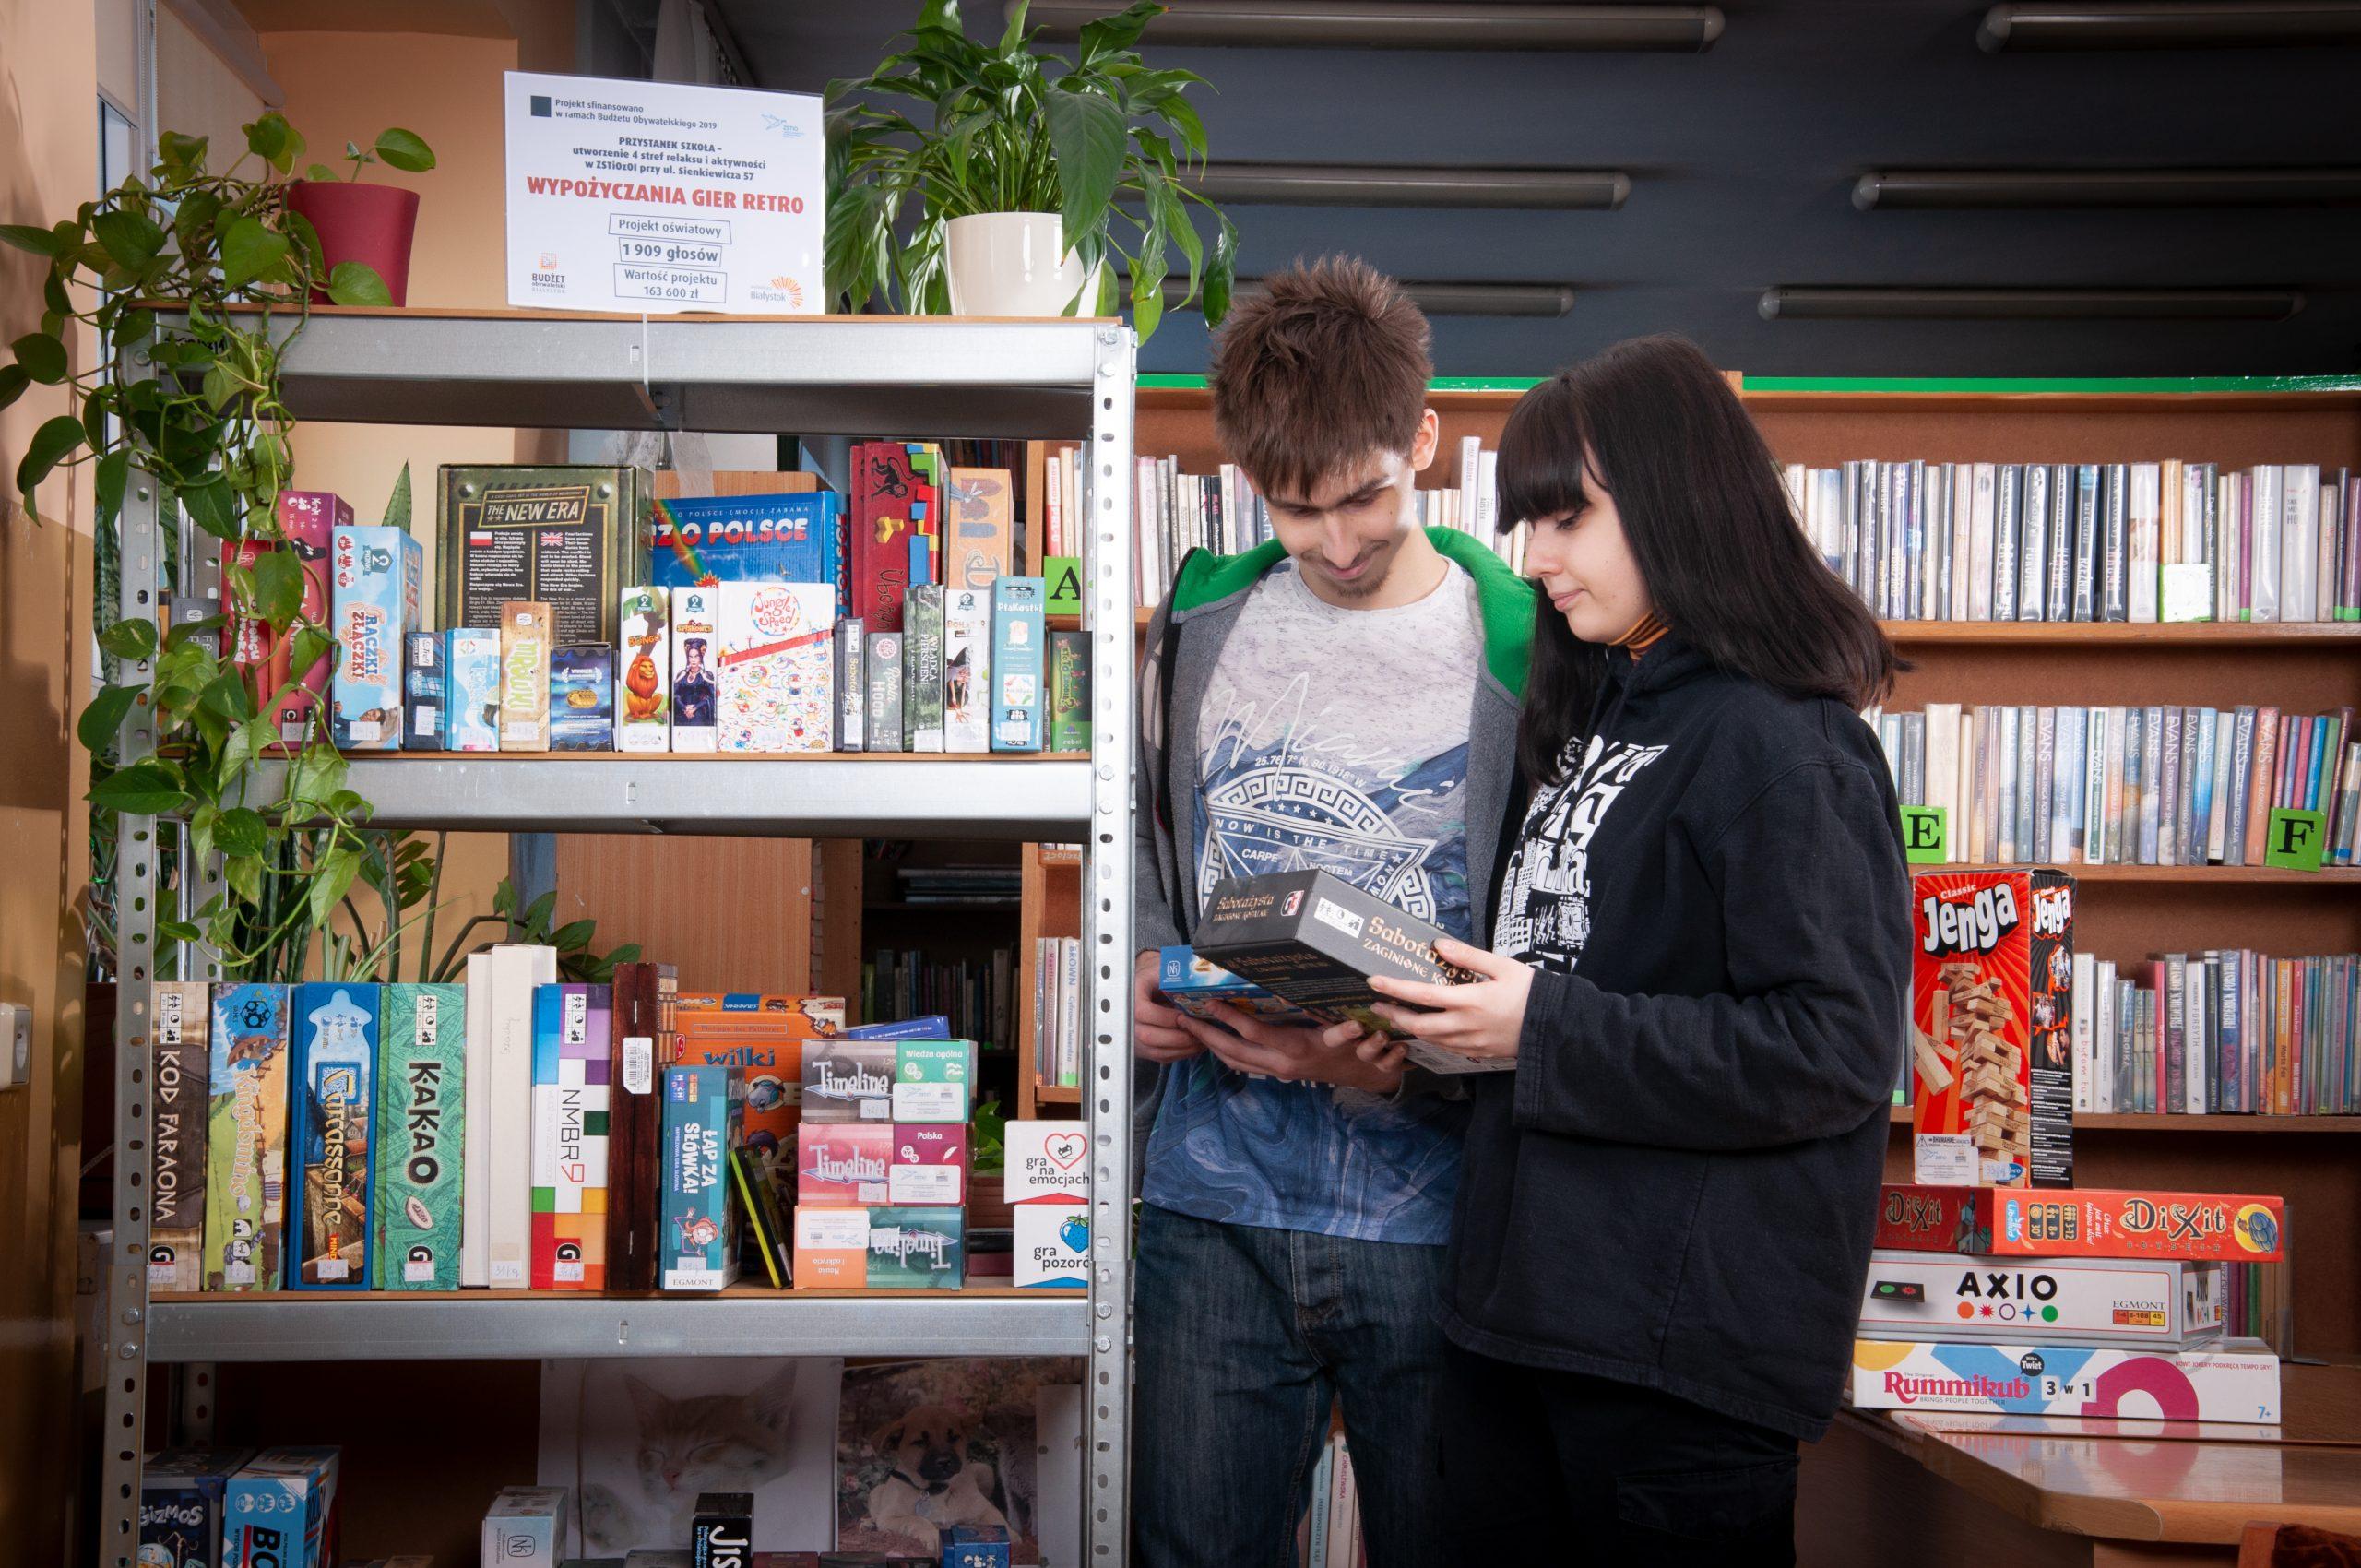 dwie młode osoby stoją przy regale, na którym są gry planszowe